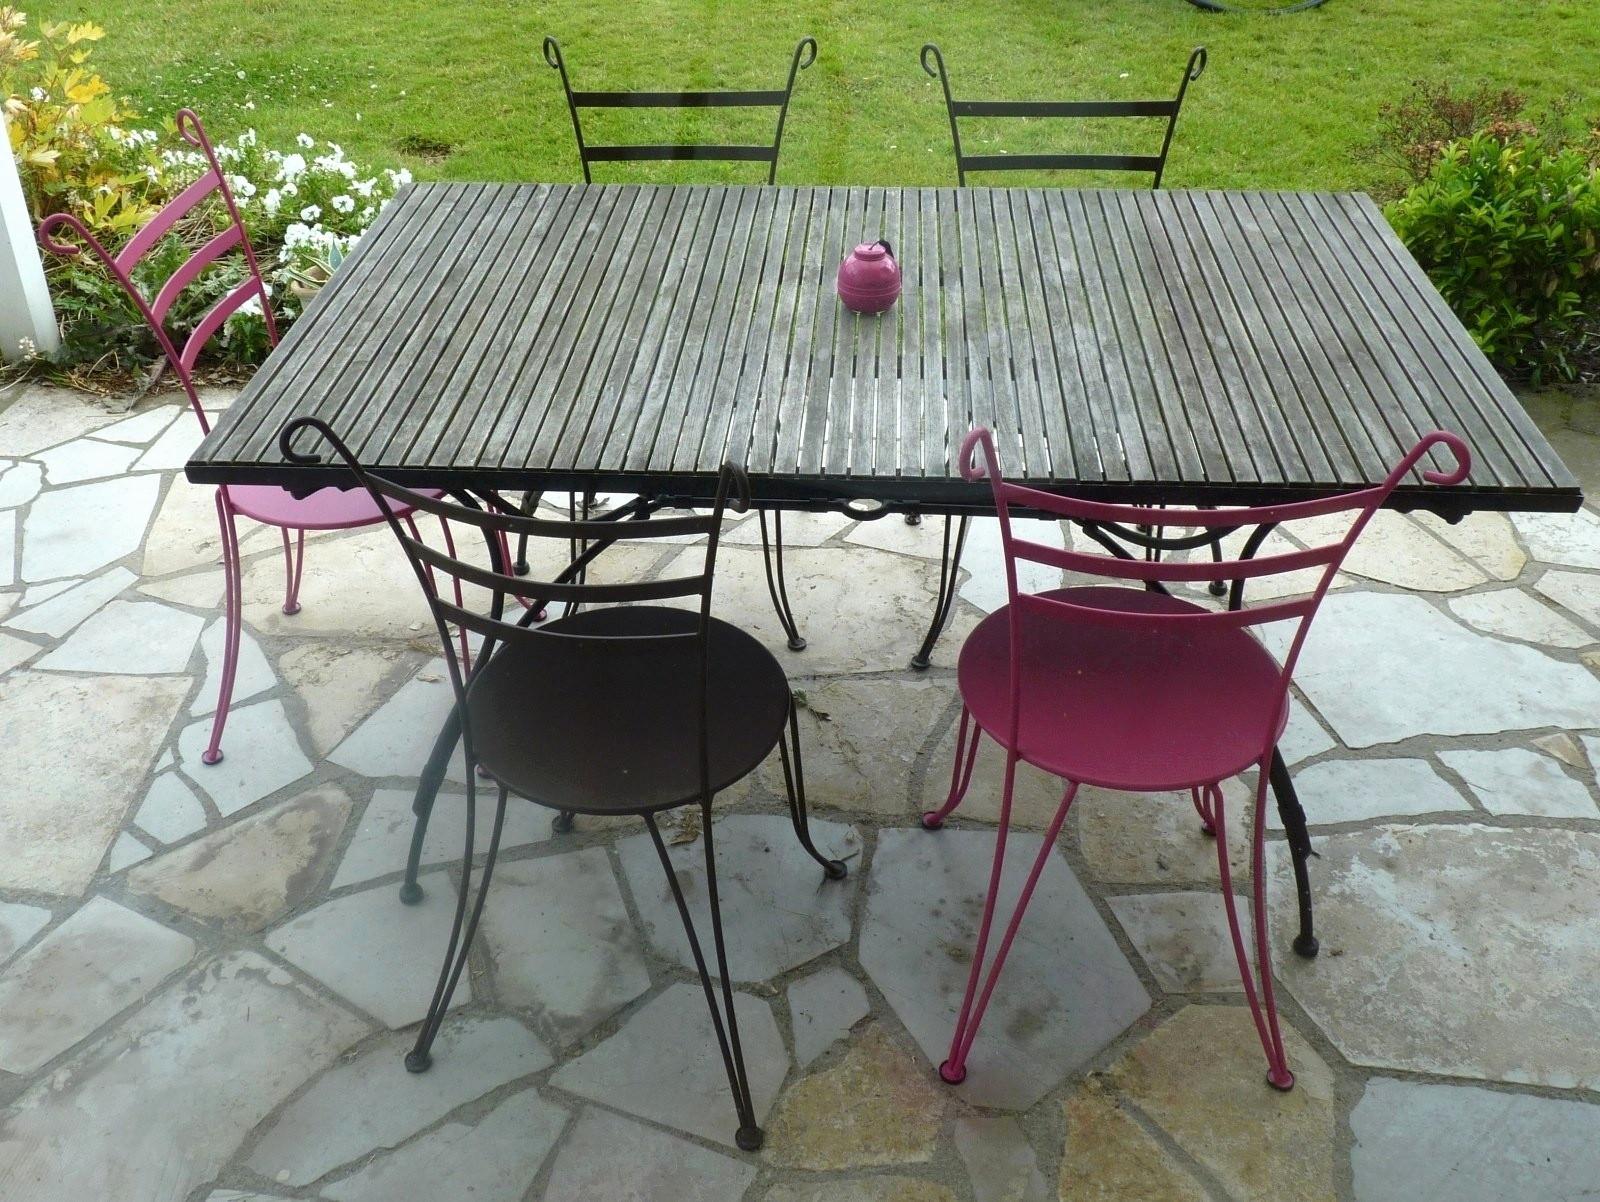 Table De Jardin Alinea Frais Photographie Les Jardins De Cocagne Plus Brillant Chaise Jardin Best Table Jardin